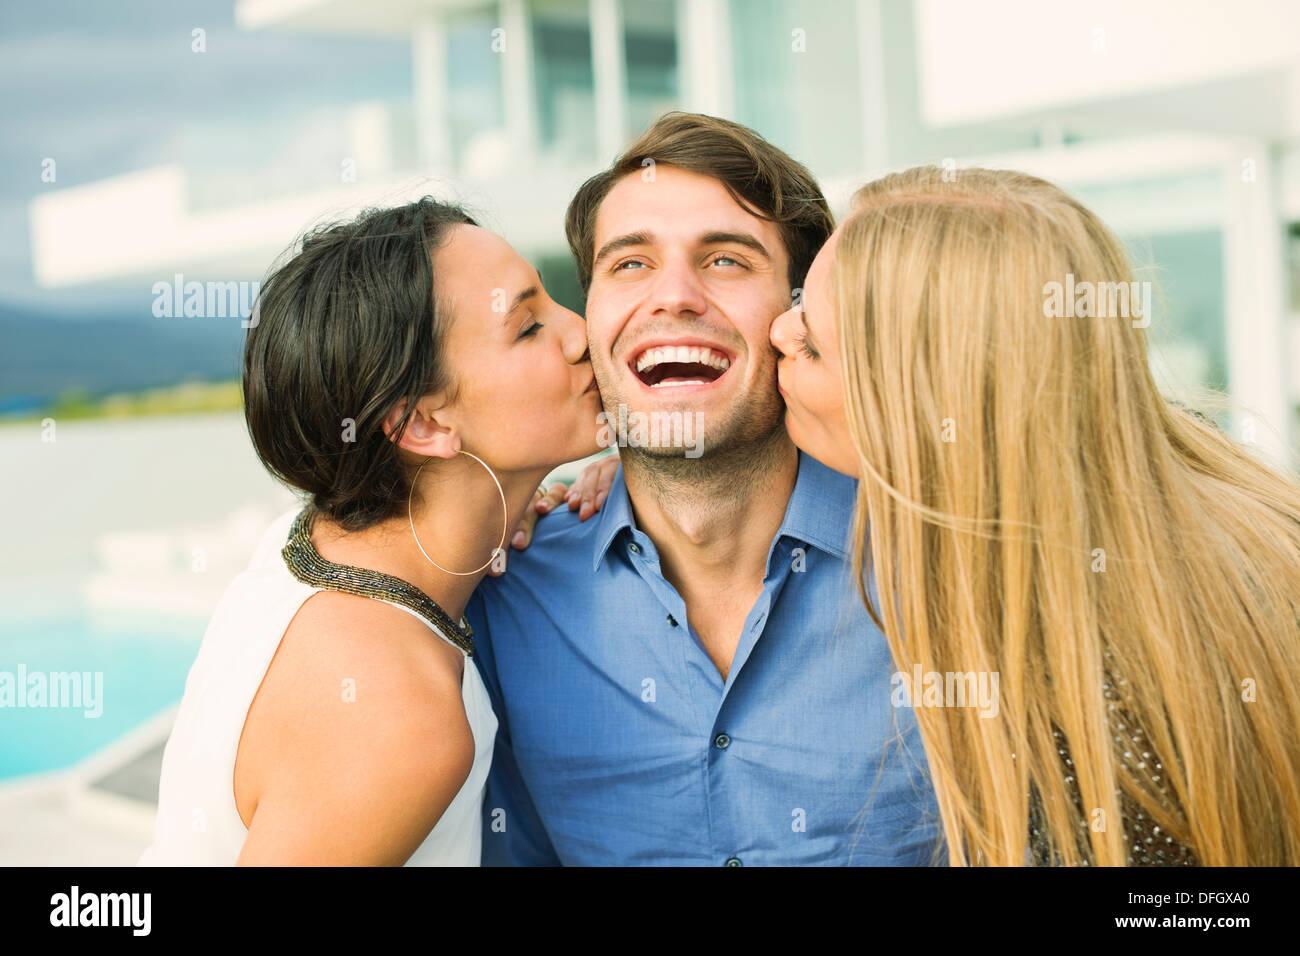 Las mujeres besar la mejilla del hombre al aire libre Imagen De Stock